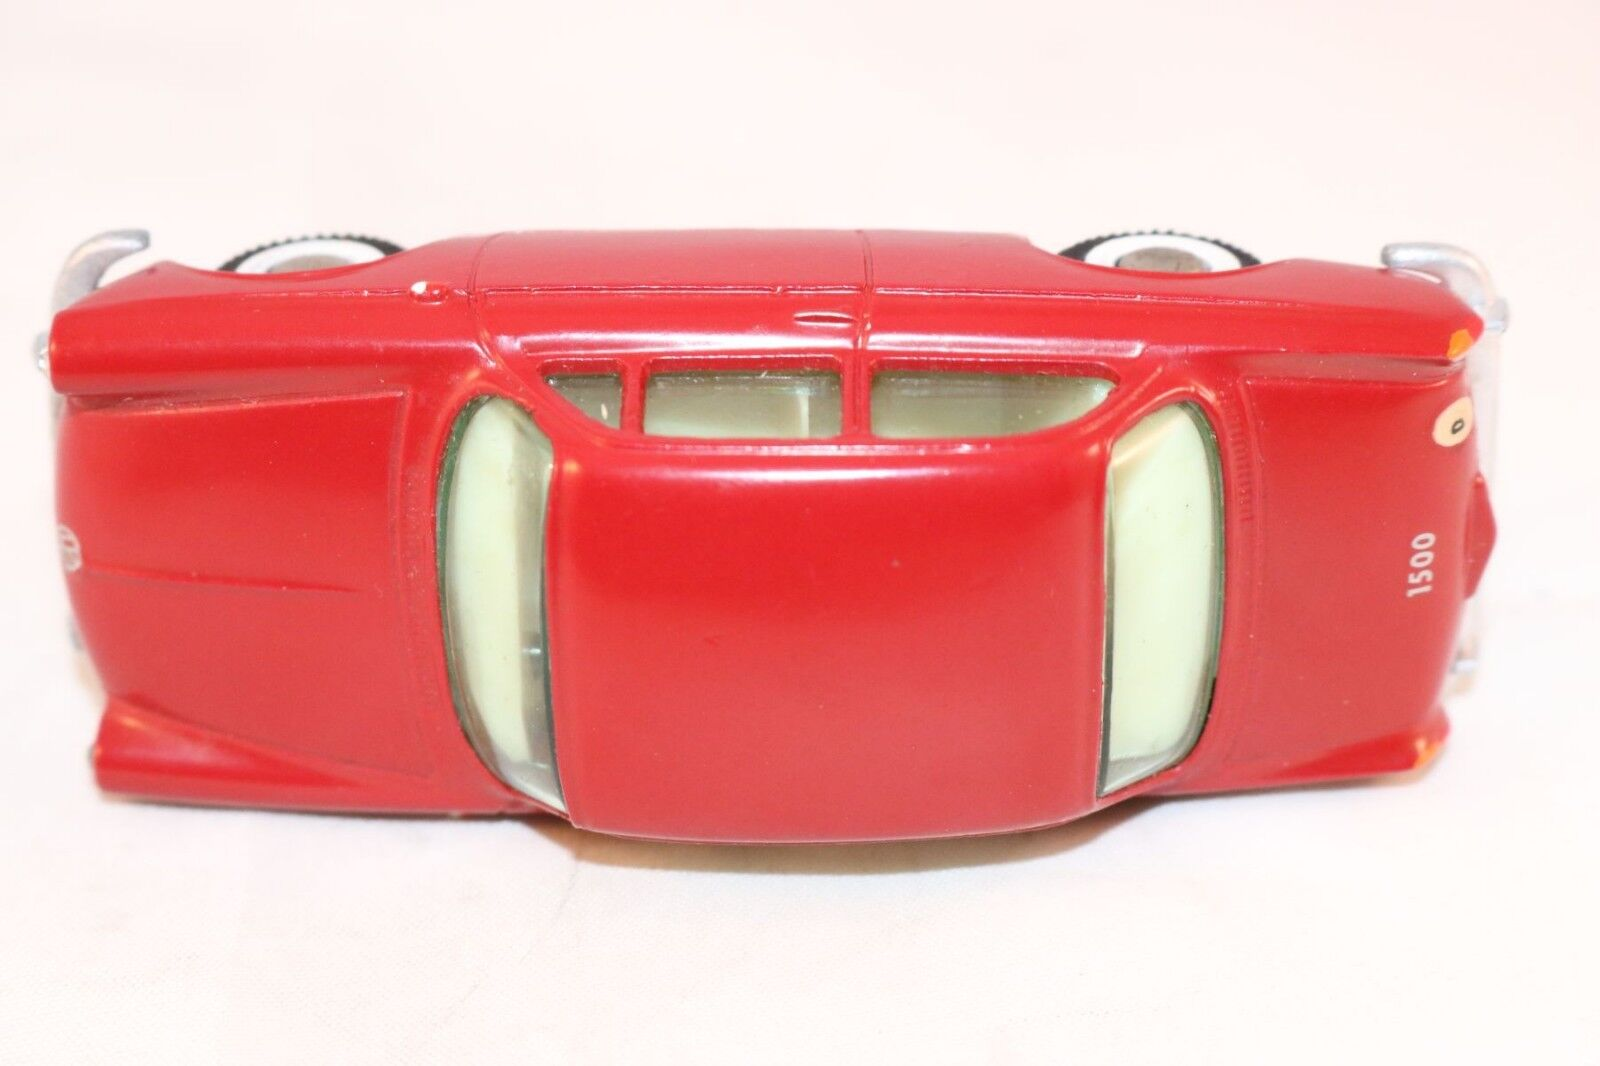 Tekno Denmark 828 828 828 Volkswagen 1500 red 99.9% mint a super model c5b6af